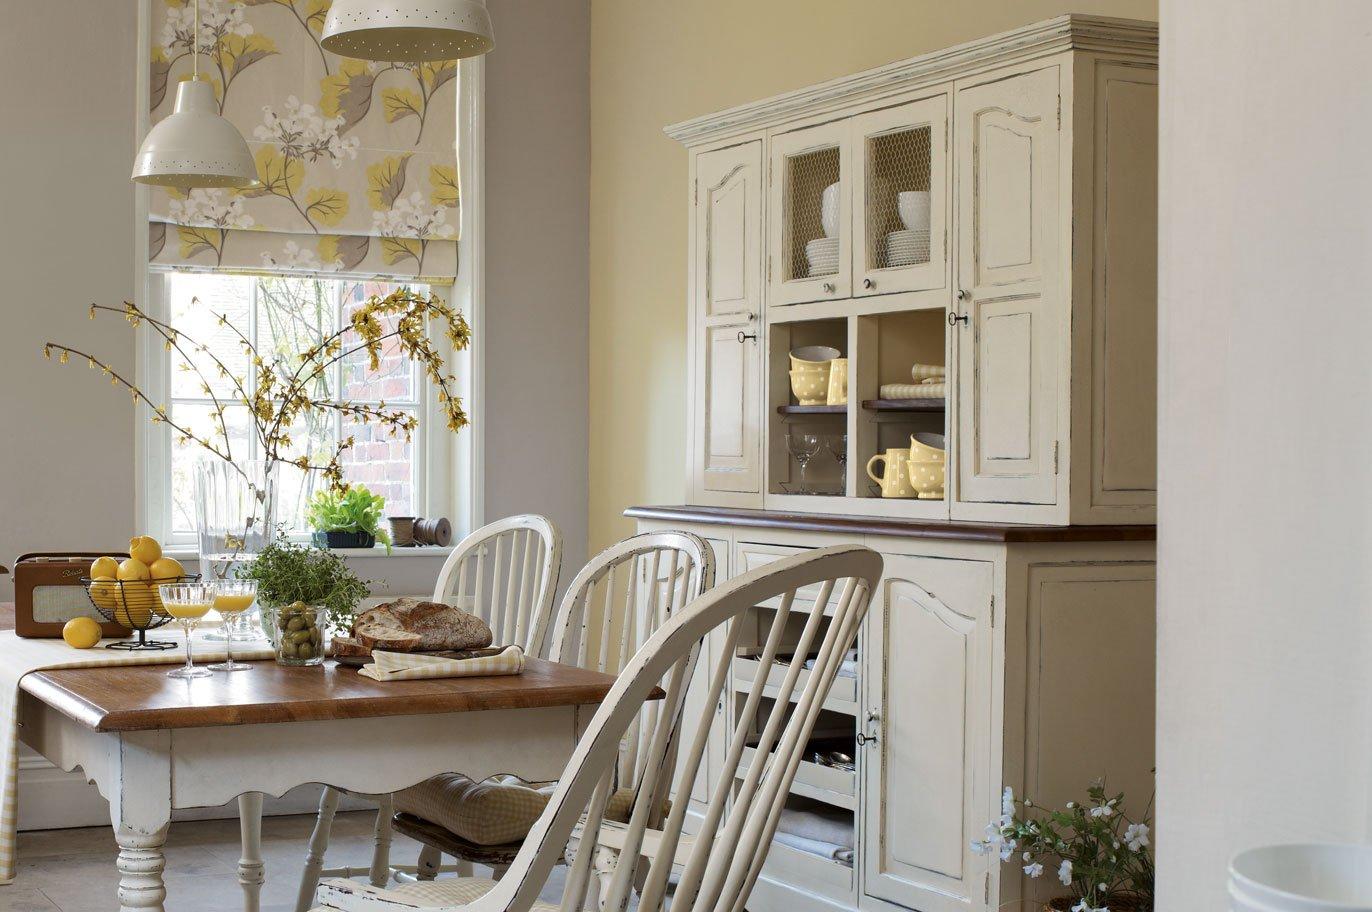 Muebles para una cocina de estilo ingl s decoraci n del for Ver mesas y sillas de cocina